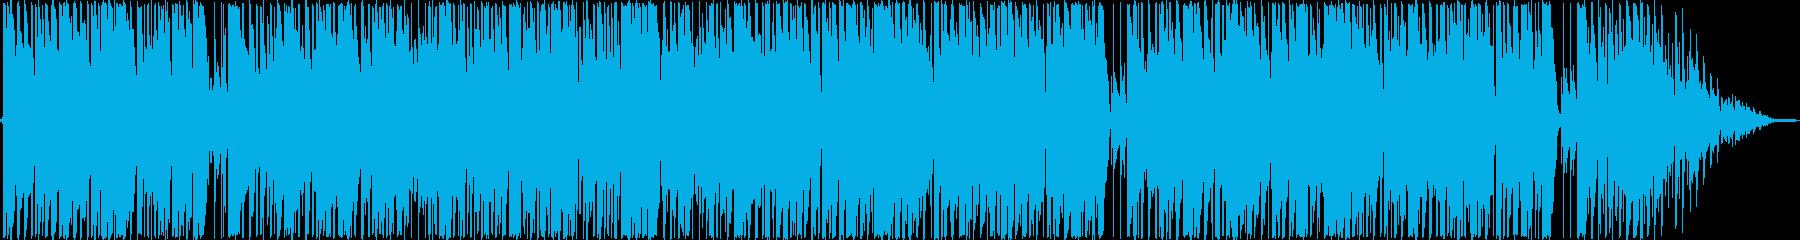 神秘的なファンク。待っていますの再生済みの波形